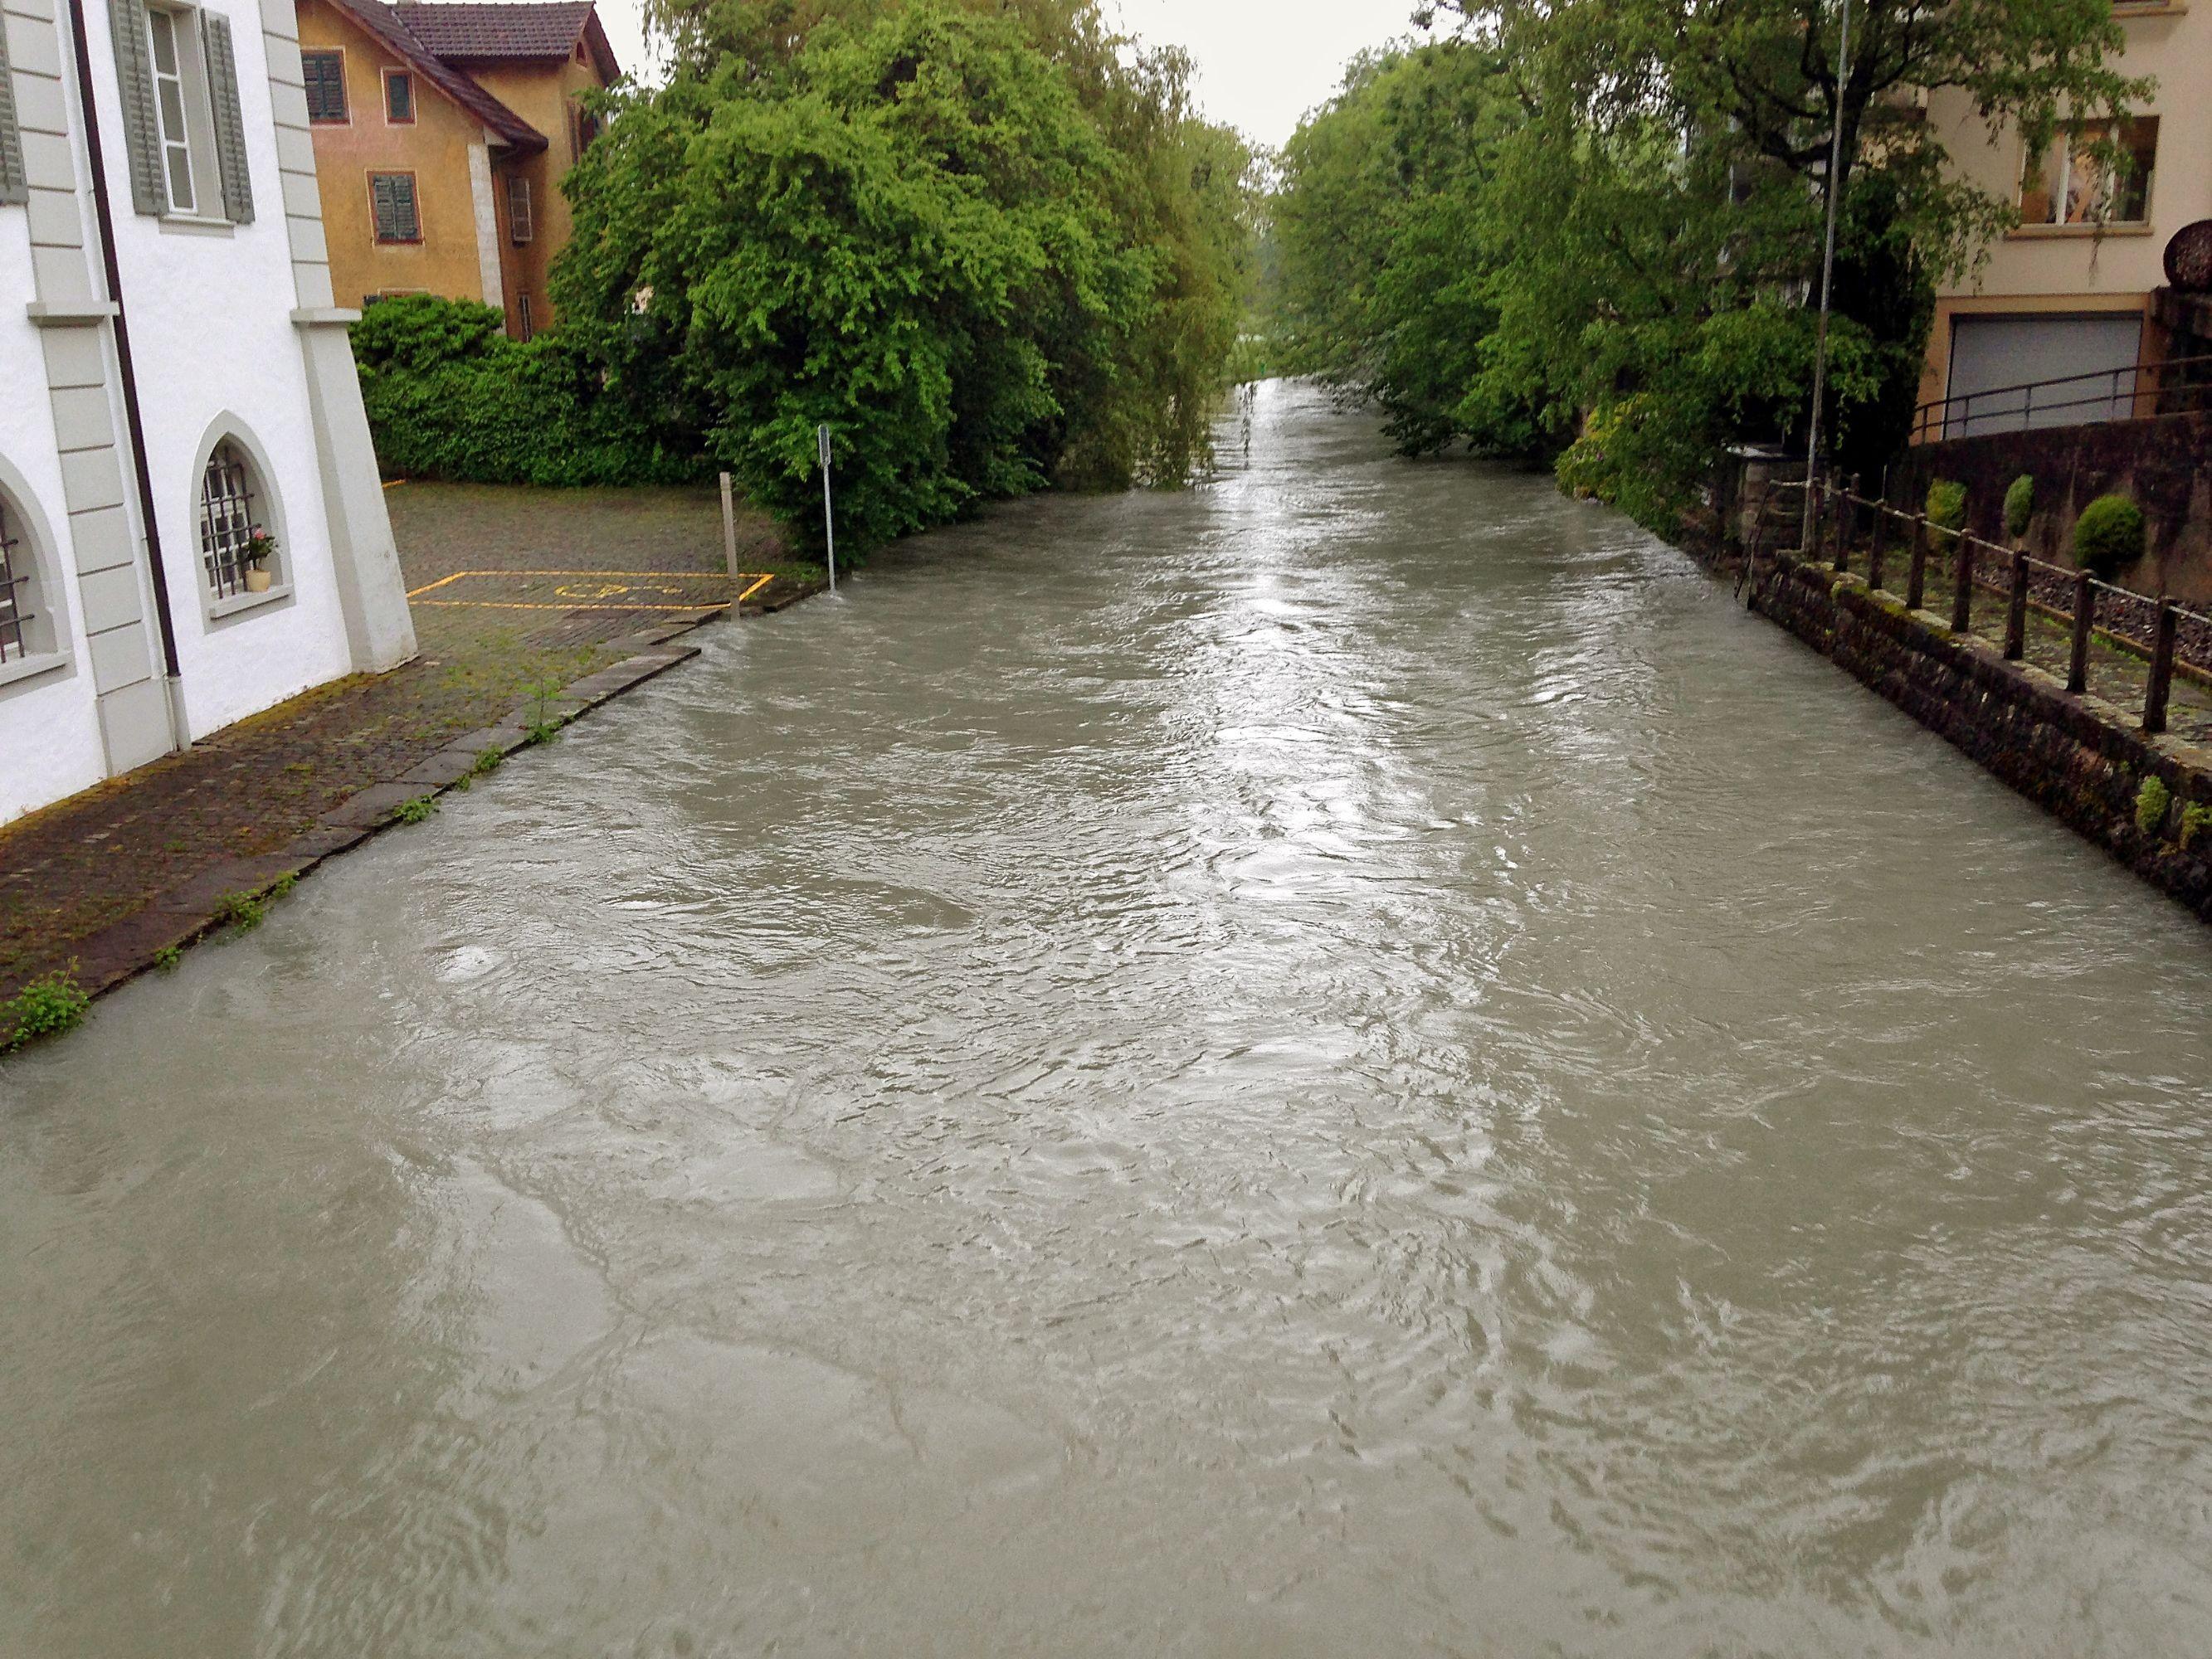 Sarneraa führt Hochwasser